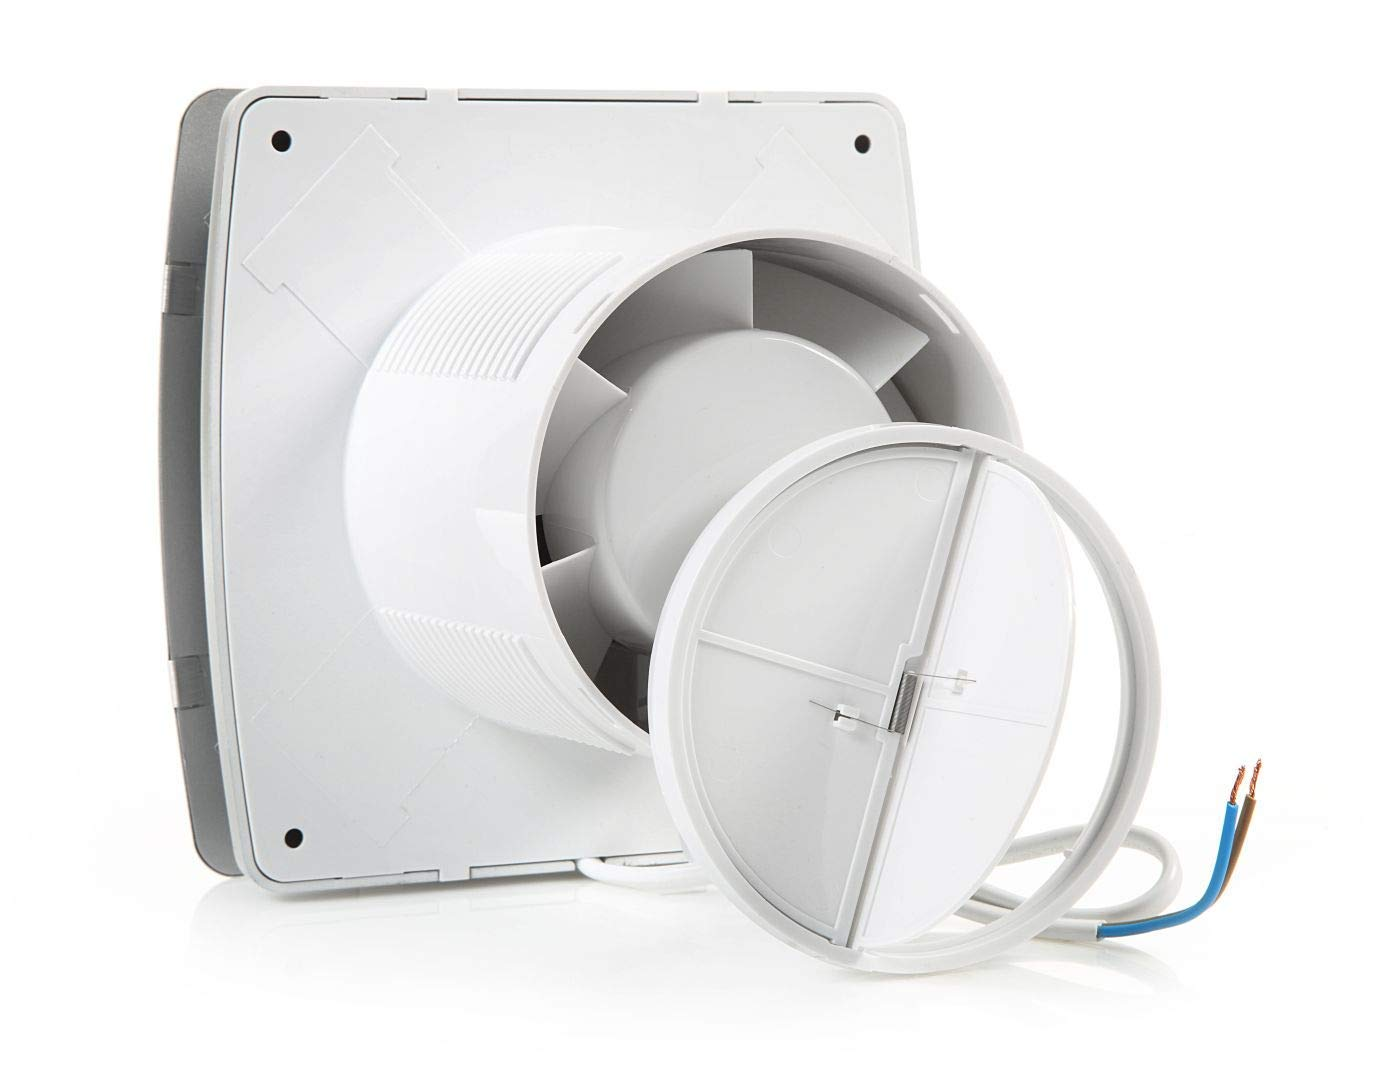 LFS100-QB STERR 4 Black Quiet Bathroom Fan 100 mm